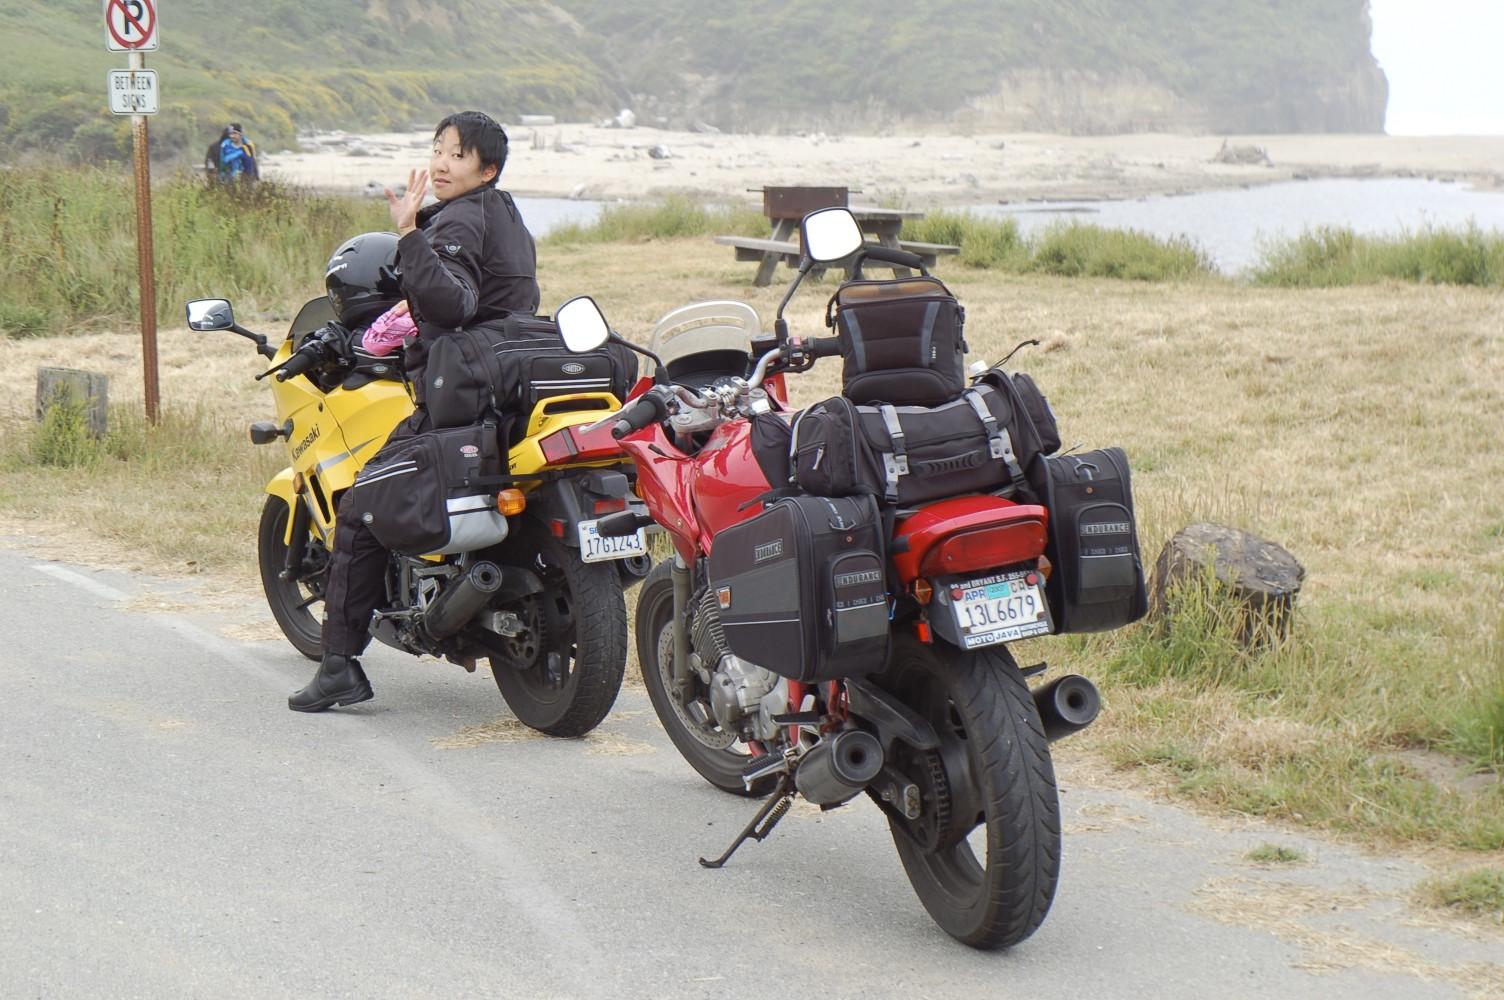 Kawasaki Ninja 250, SF to LA